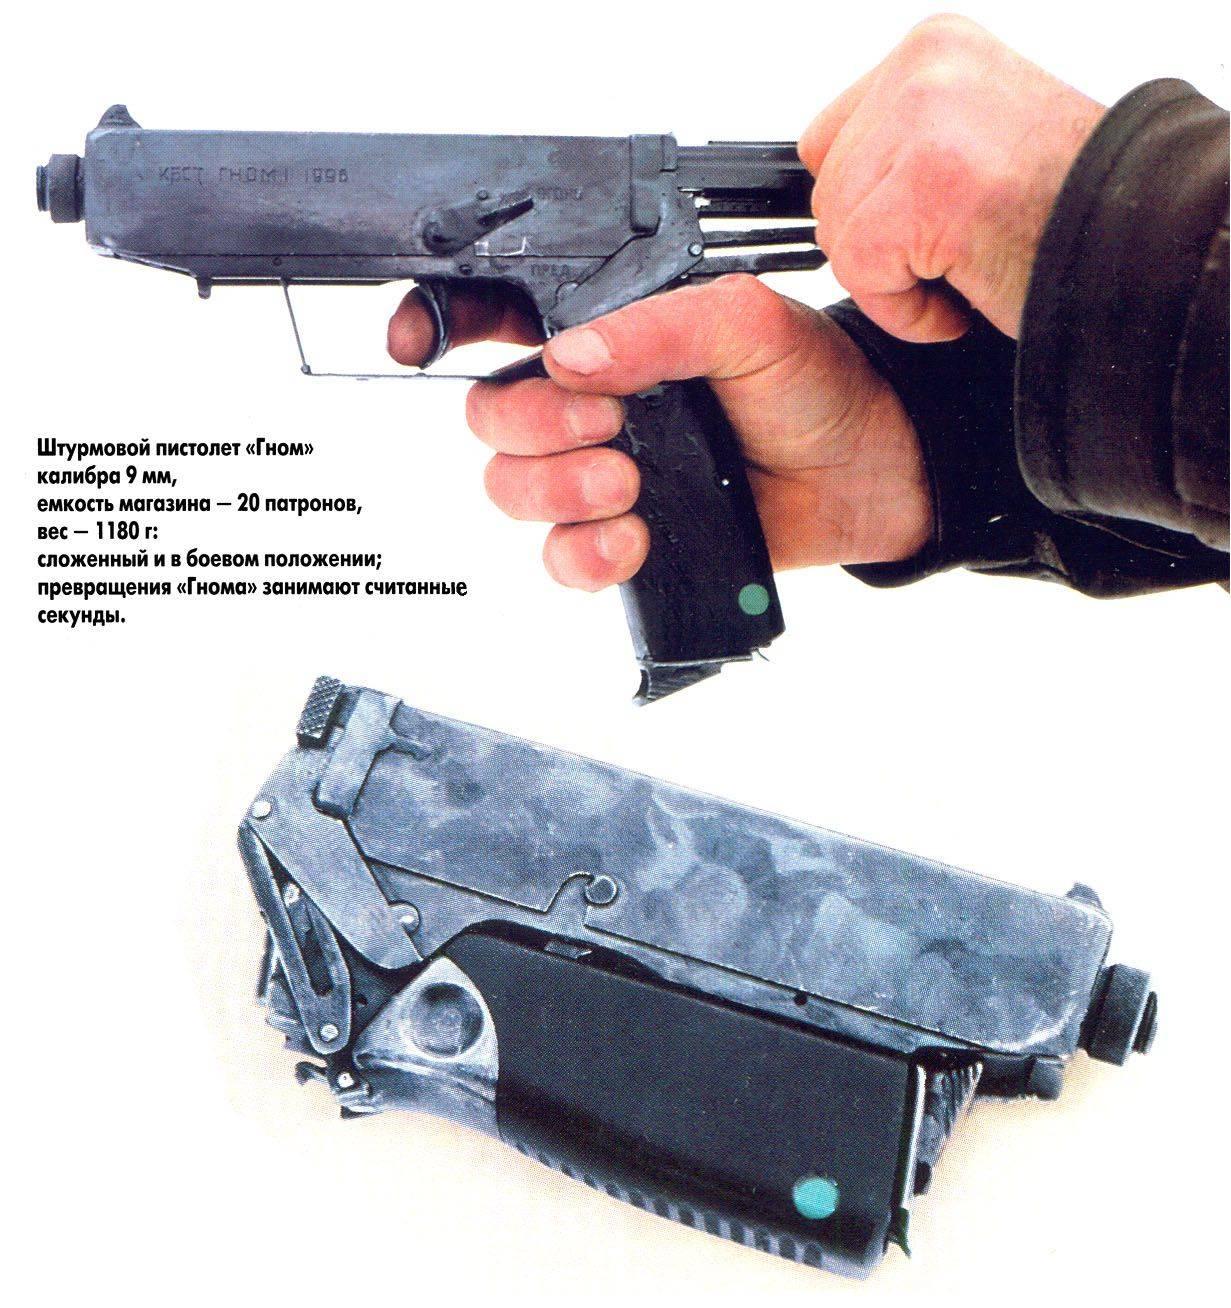 Штурмовой-пистолет-Гном-2